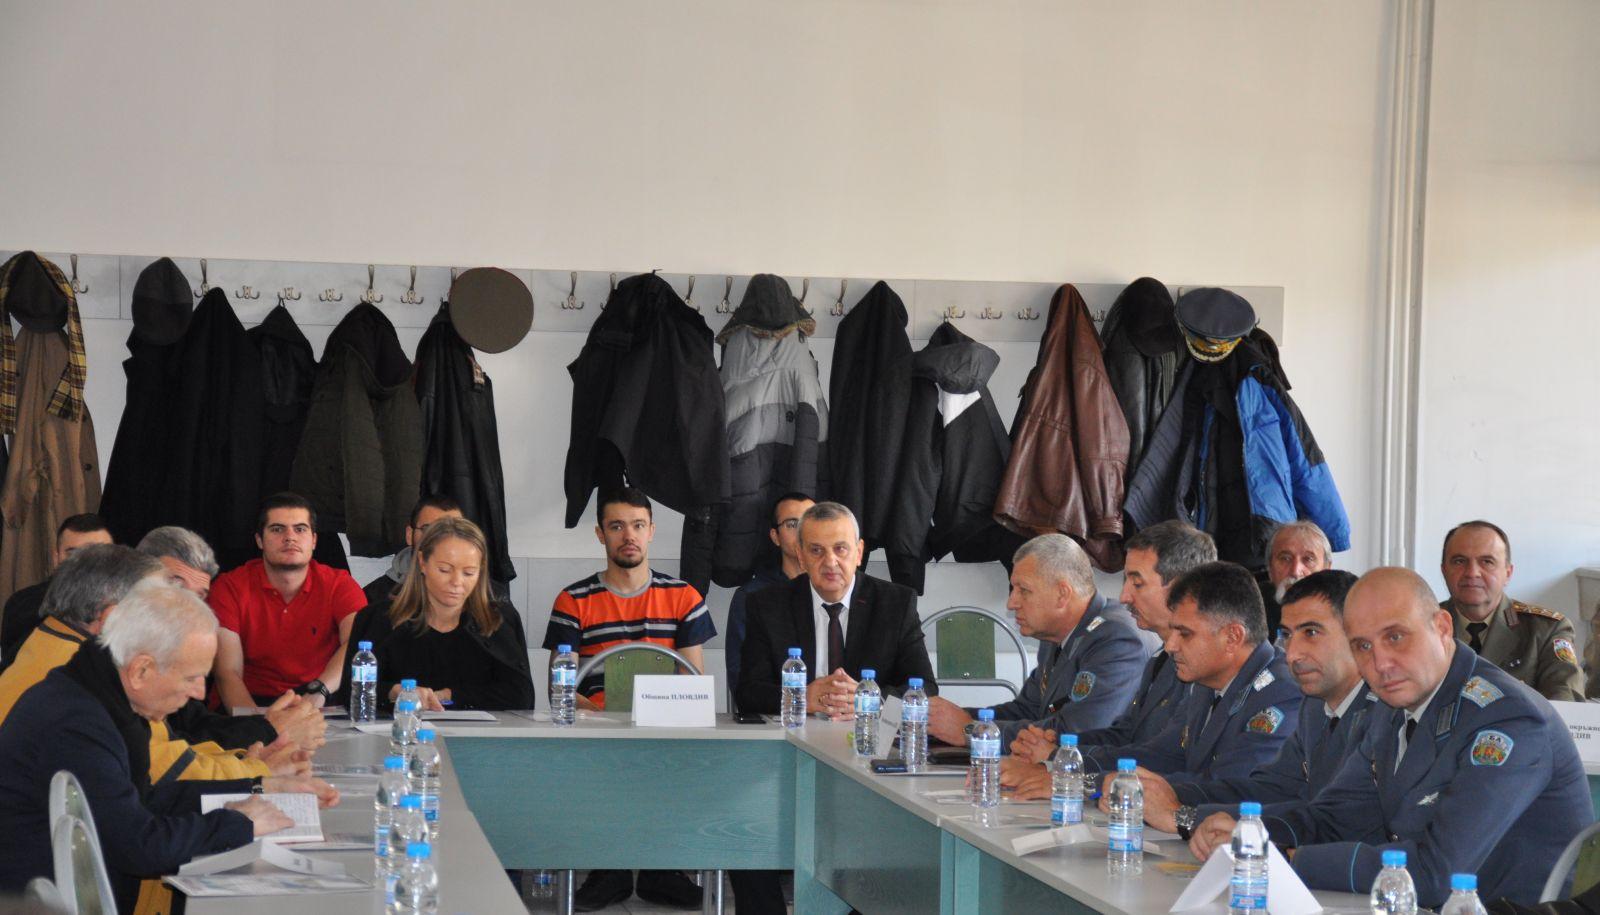 Кръгла маса по въпроси свързани с преместване на Музея на авиацията в Пловдив